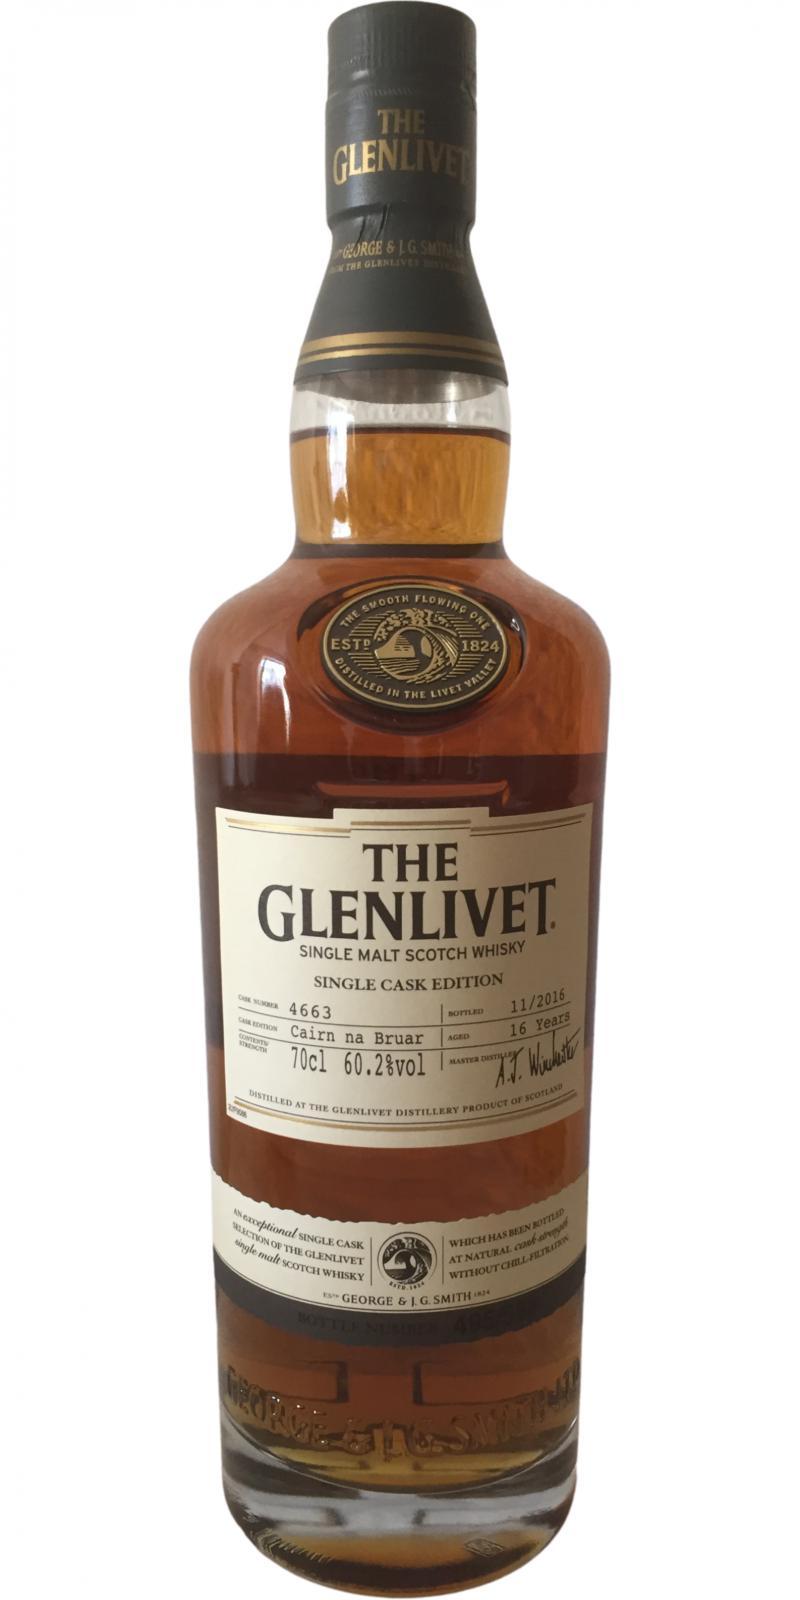 Glenlivet 16-year-old - Caírn na Bruar